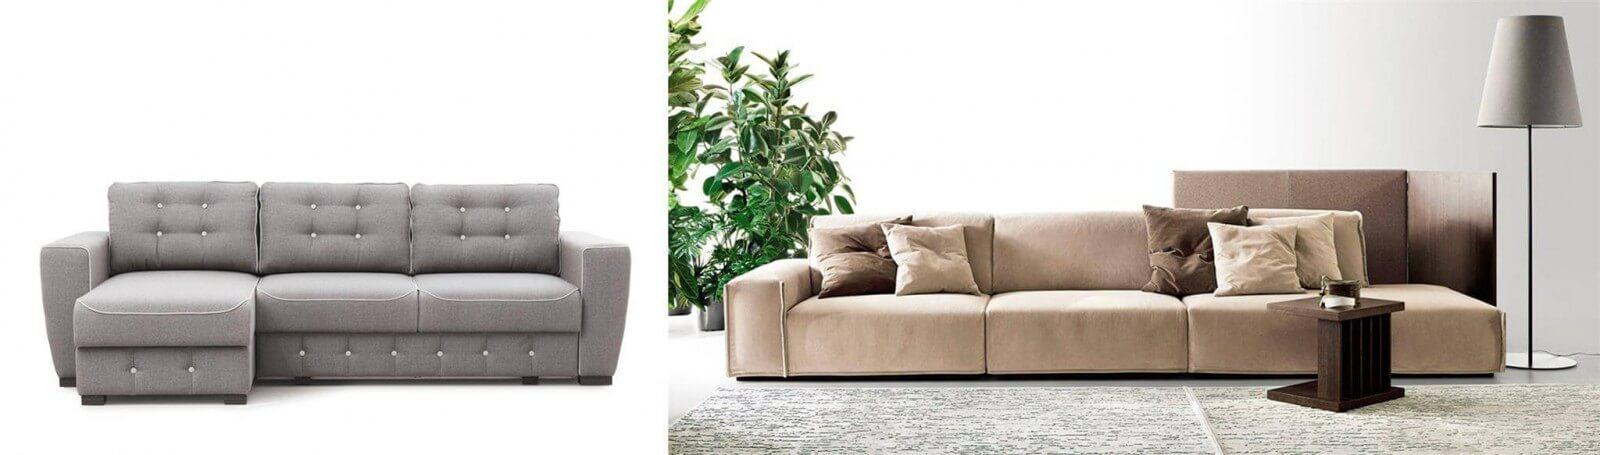 Чим диван за 1000$ відрізняється від дивану за 8000$